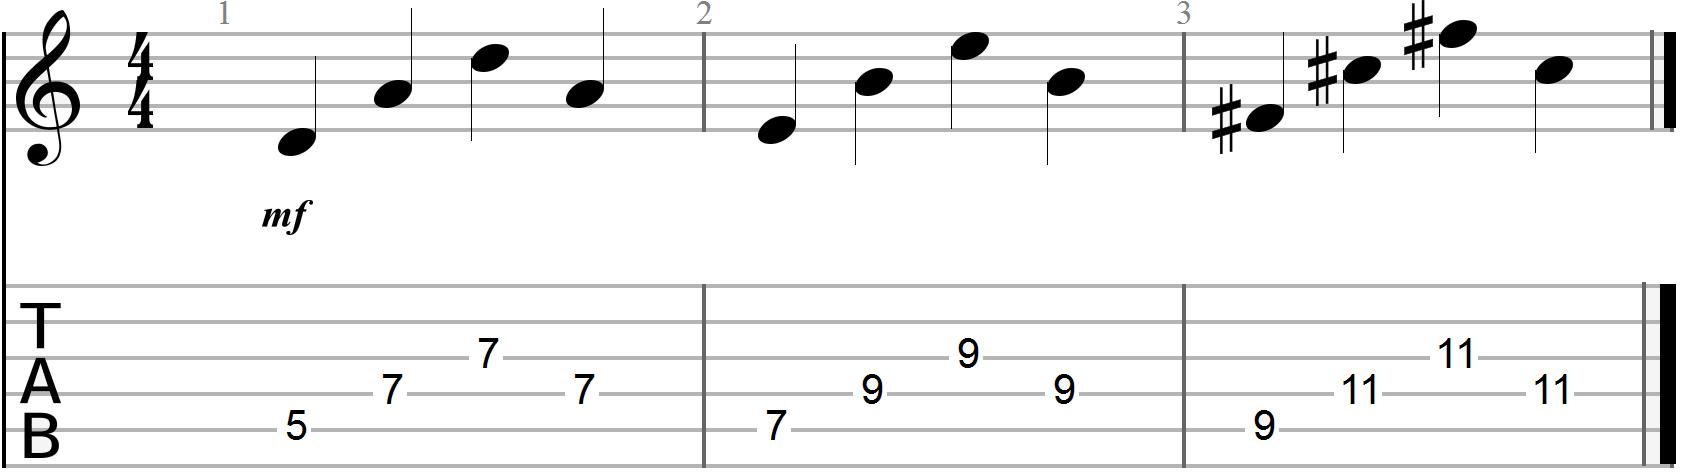 D Chord Guitar